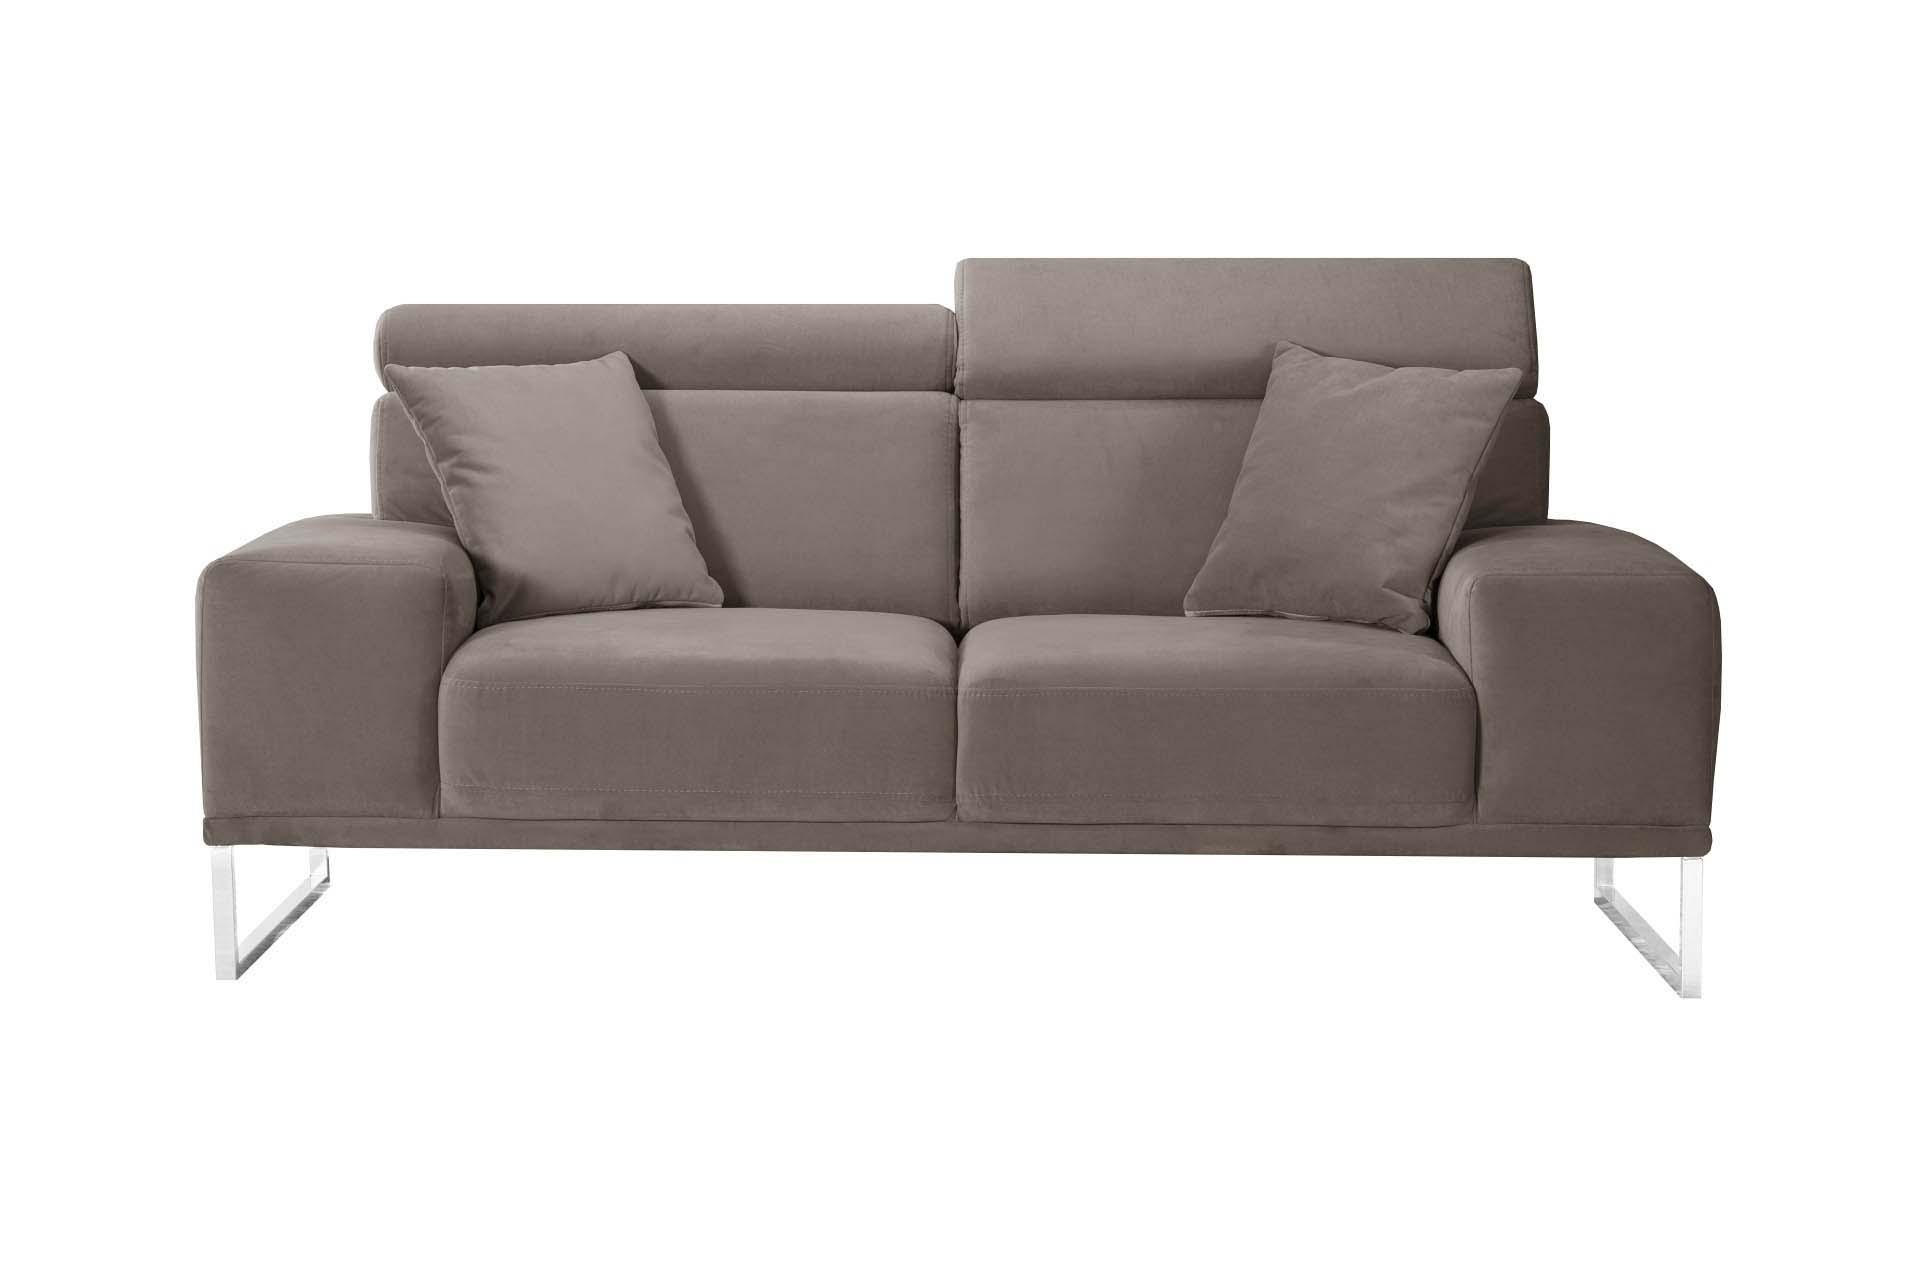 Canapé 2 places en velours taupe